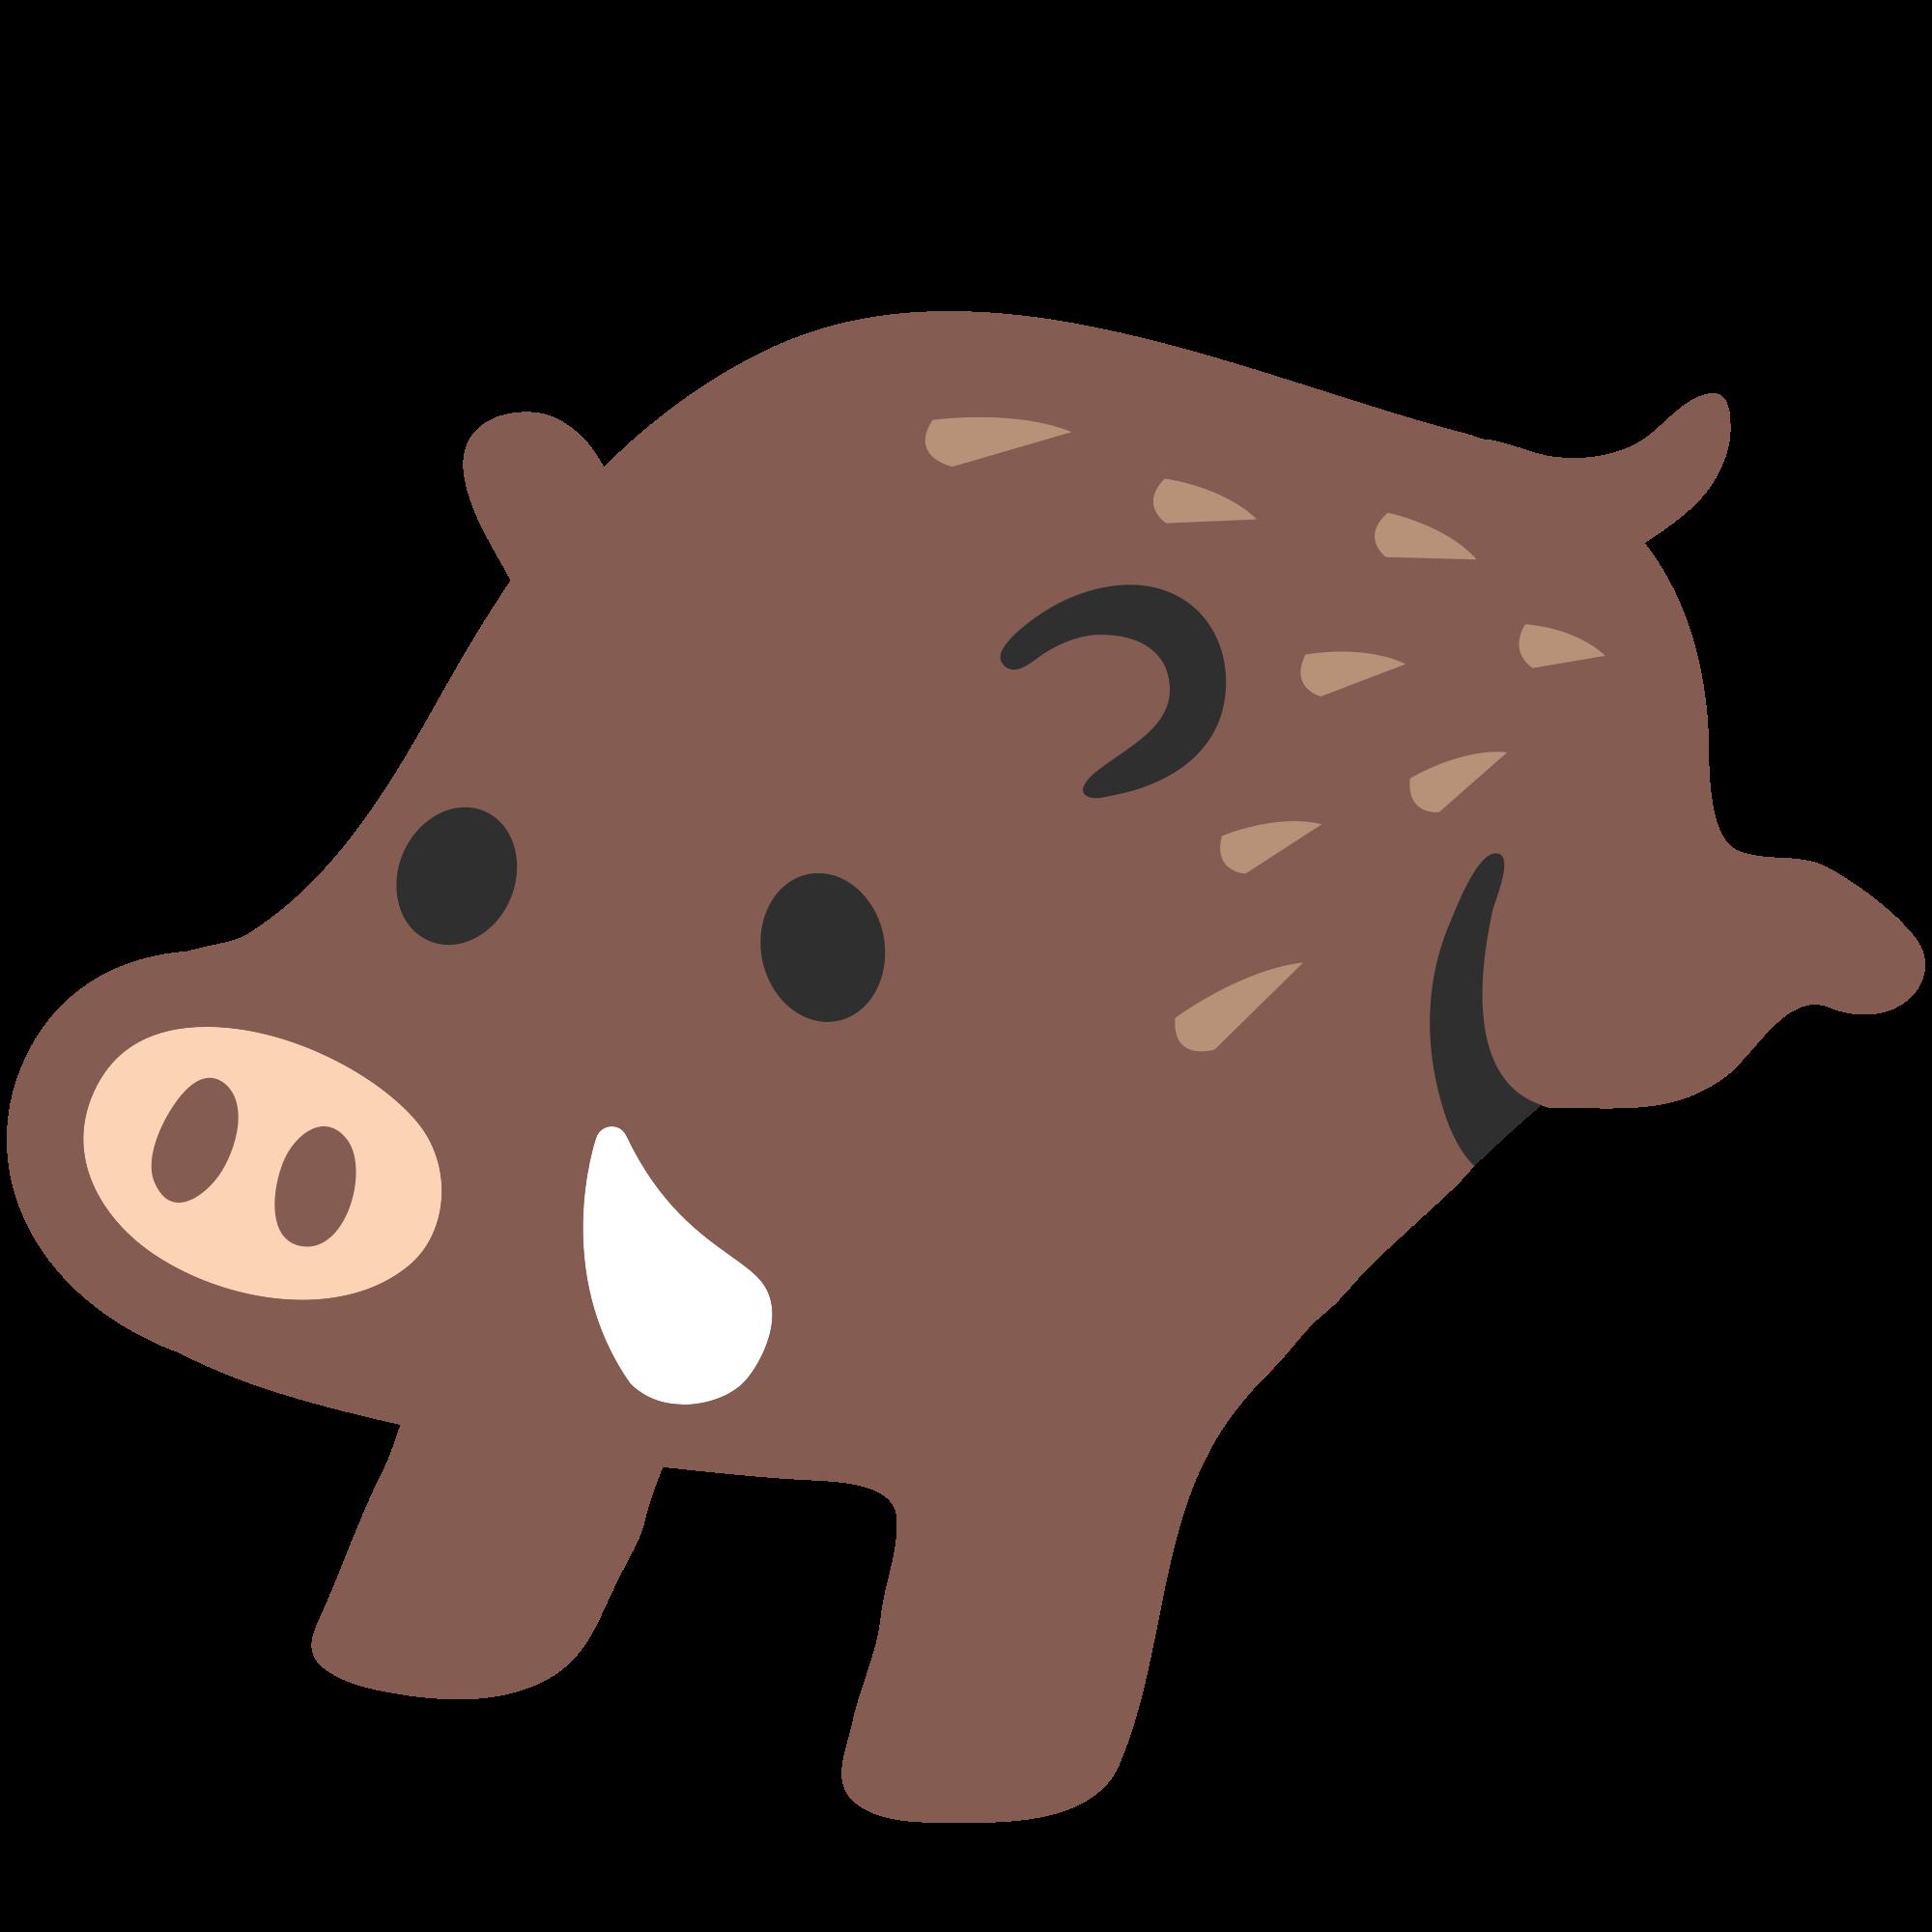 File u f svg. Emoji clipart pig